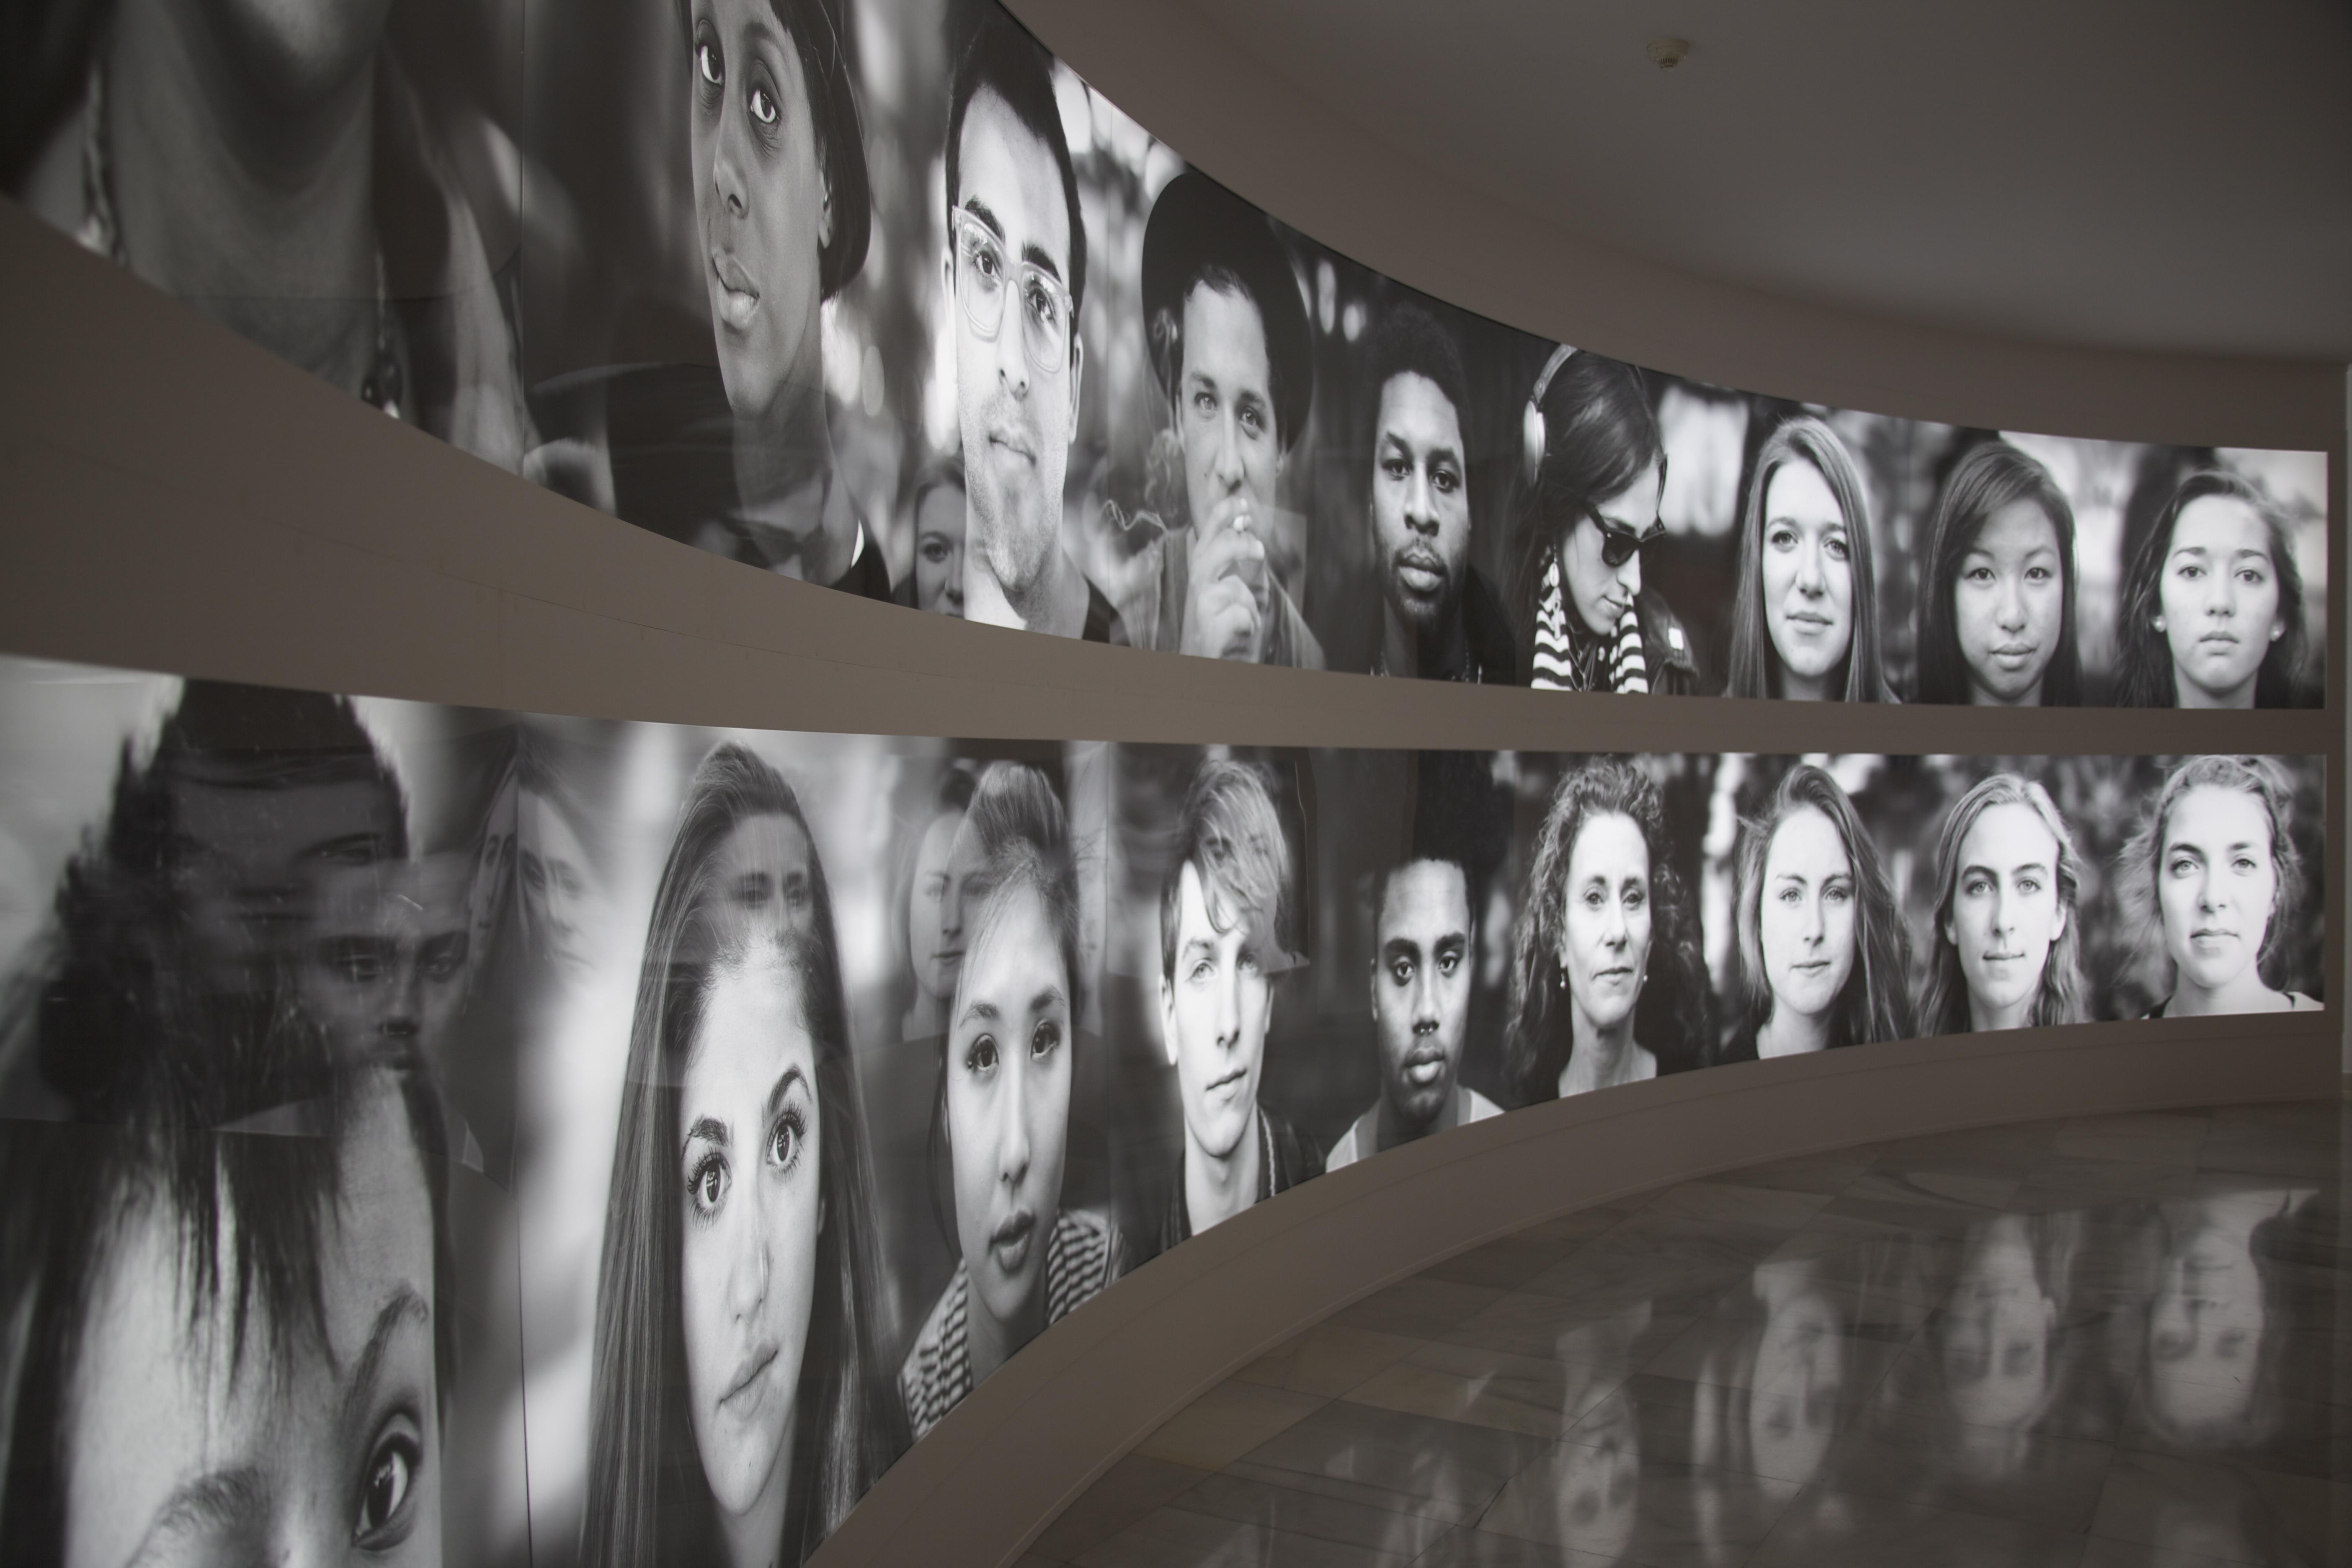 2012. Print on backlit film.